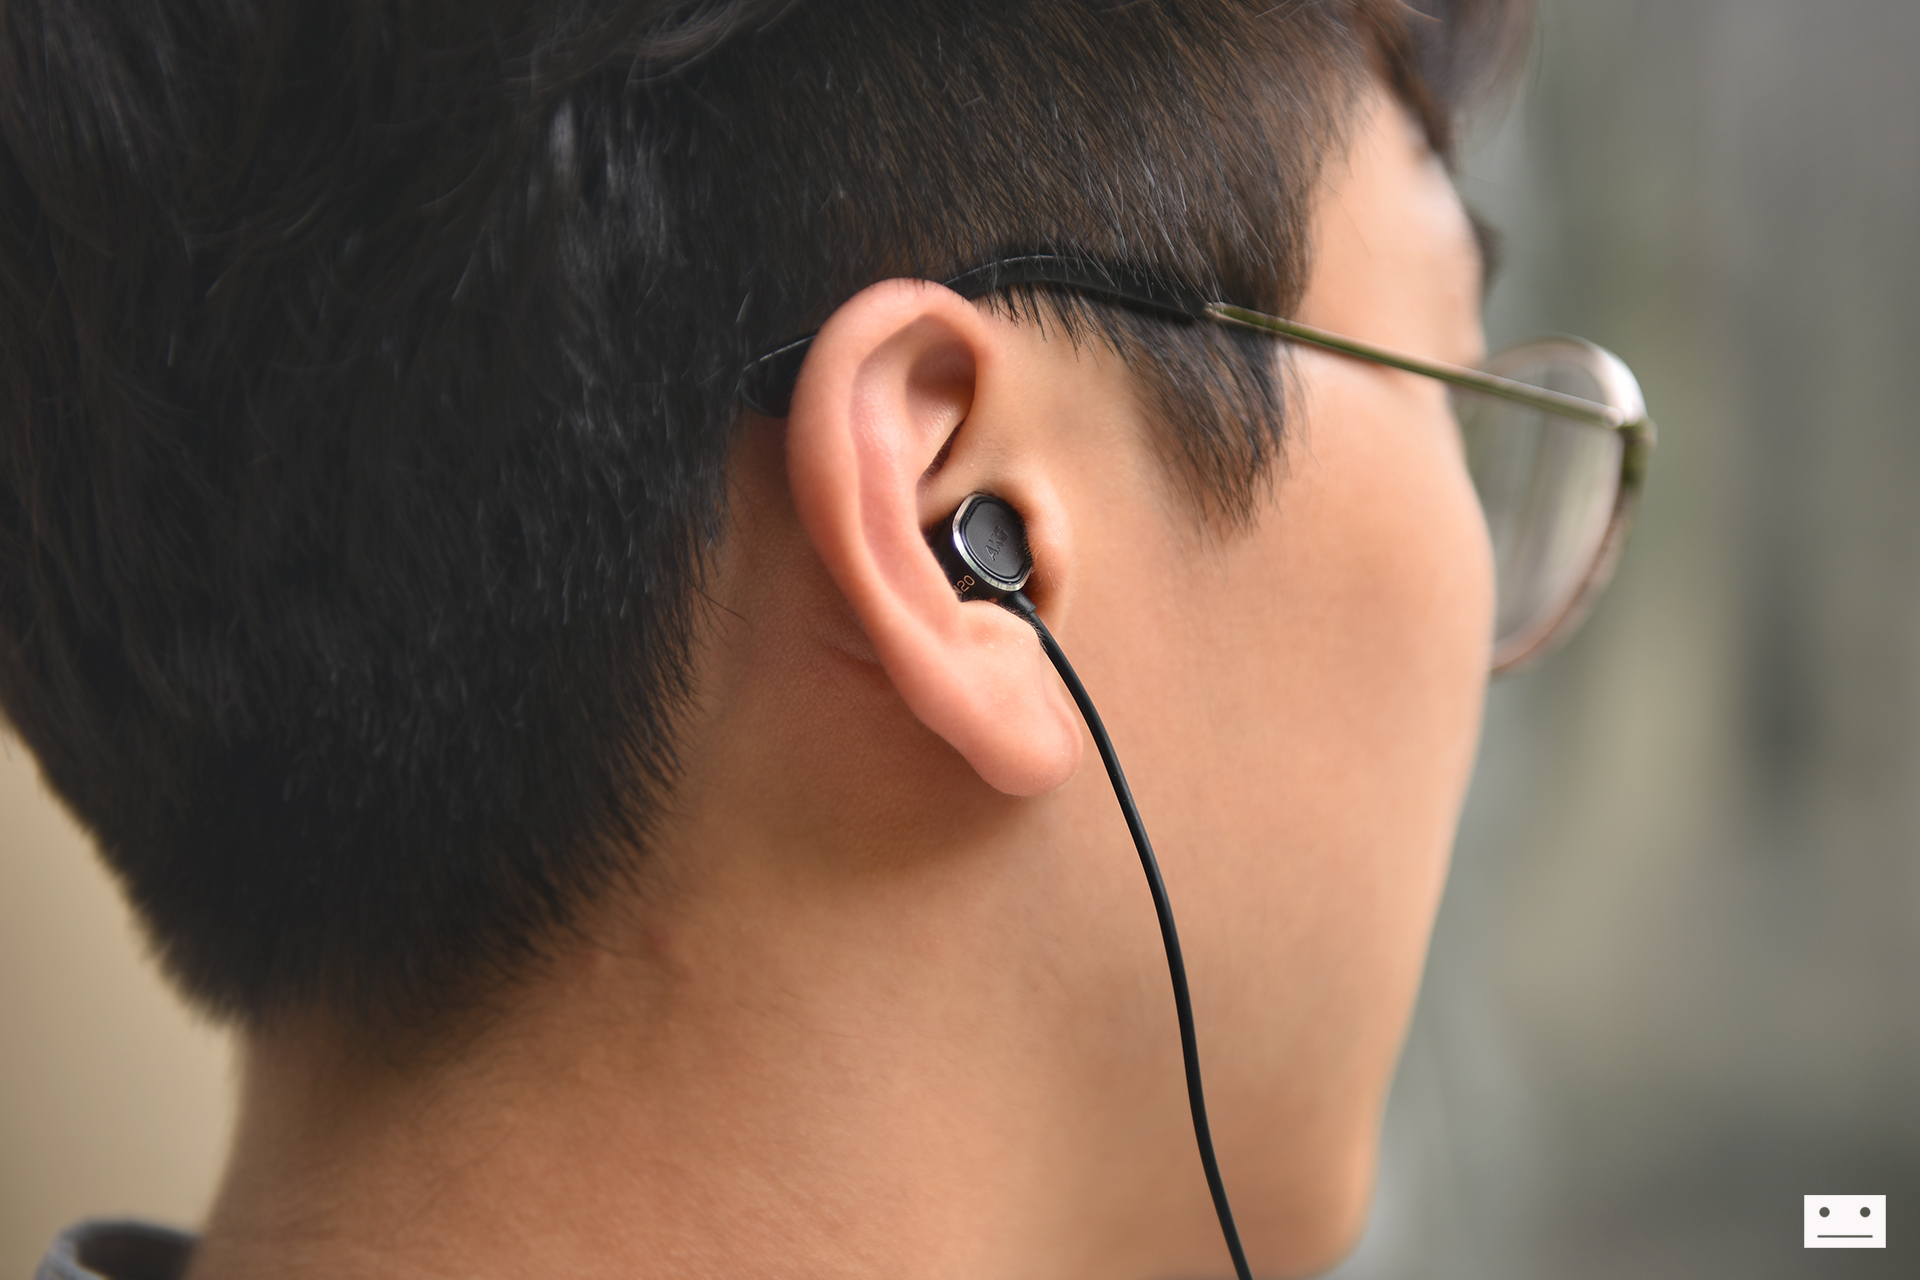 akg n20 earphone review (6)